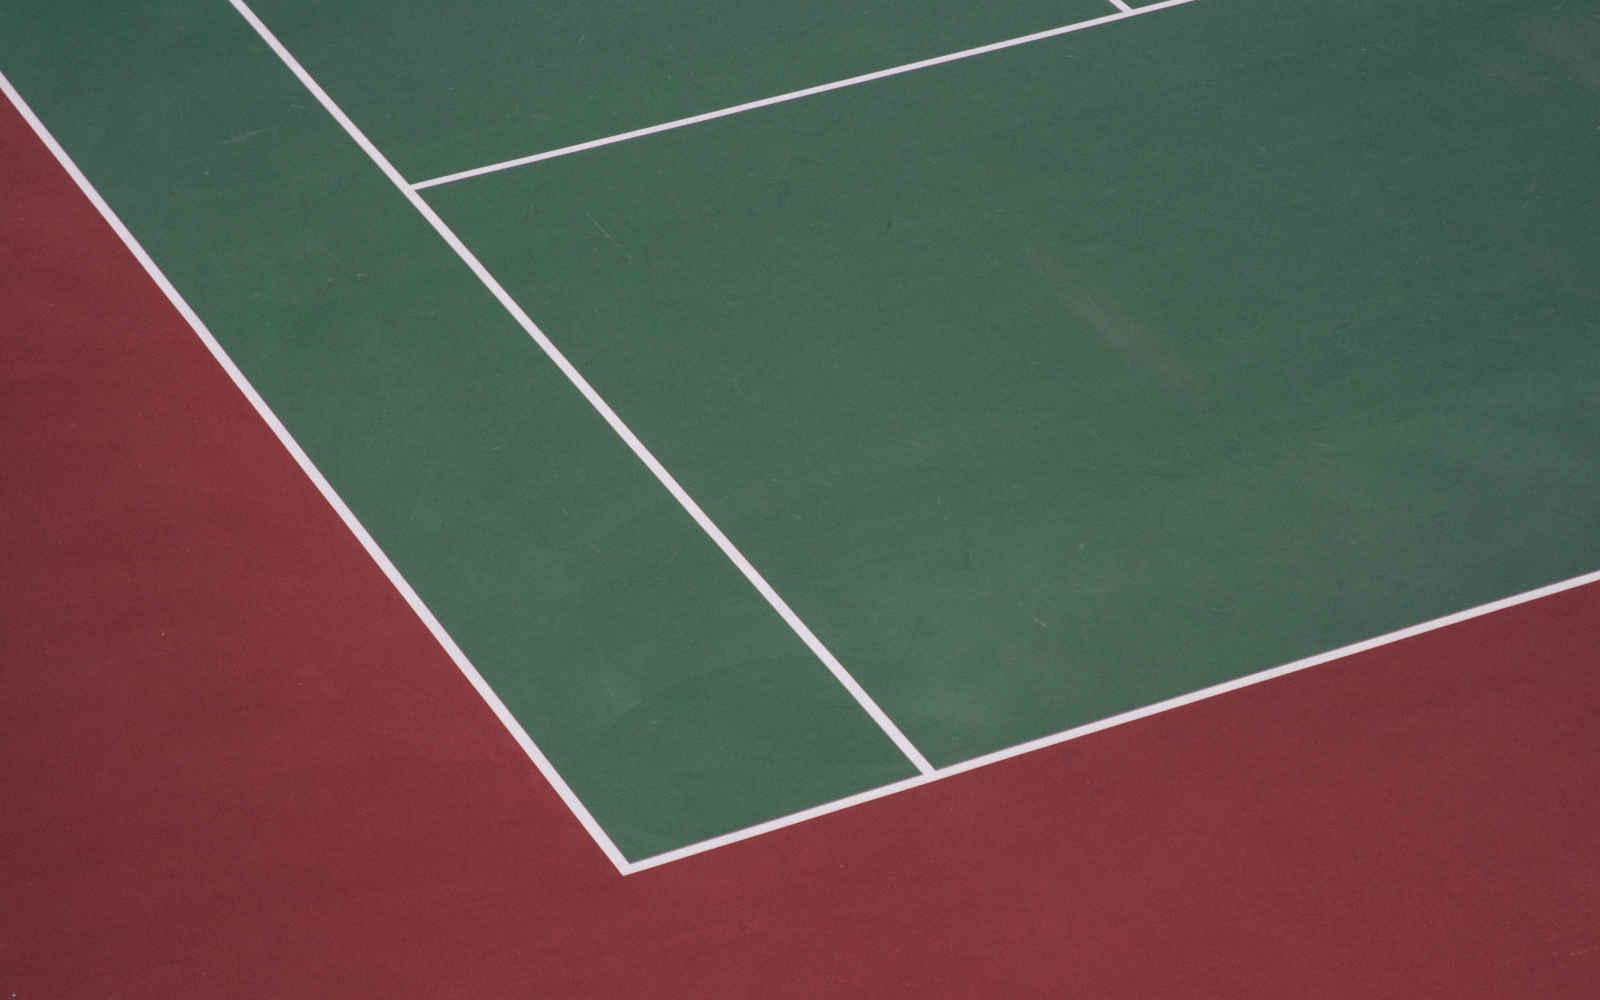 Правителството отпусна 1 млн. лева за спортна зала в Царево